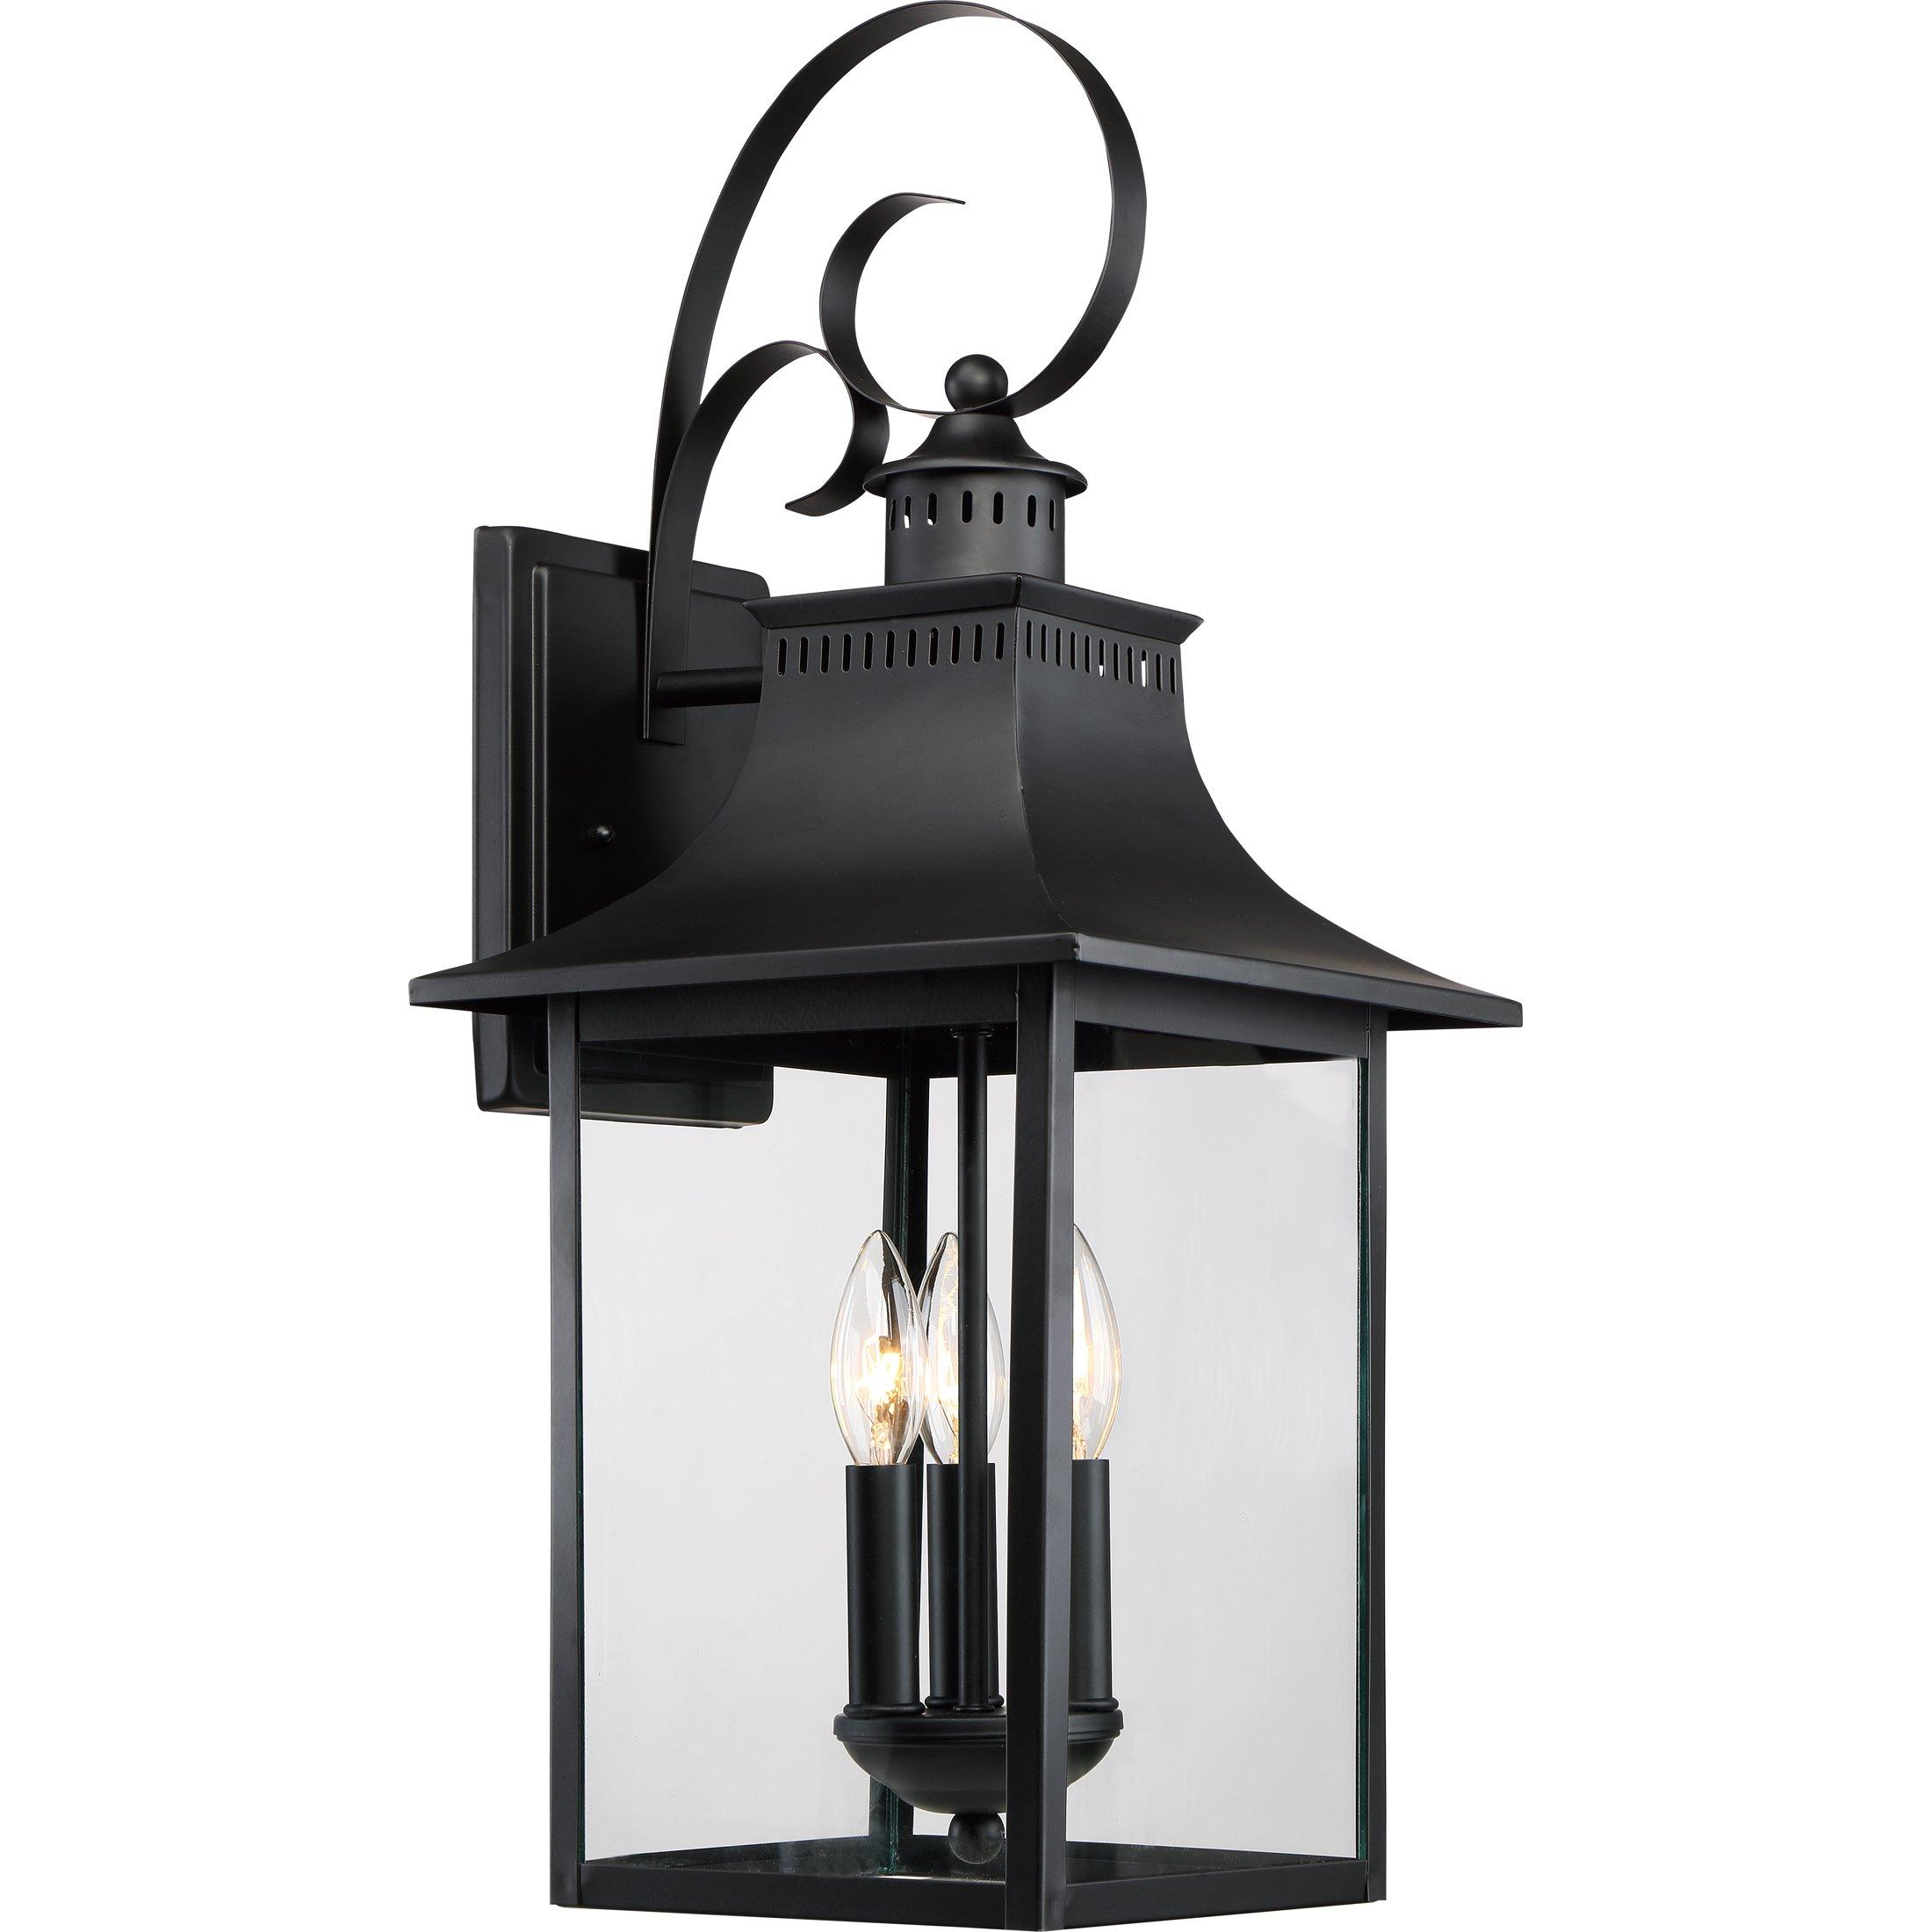 Quoizel CCR8410K Outdoor Chancellor Lantern, Large, Mystic Black